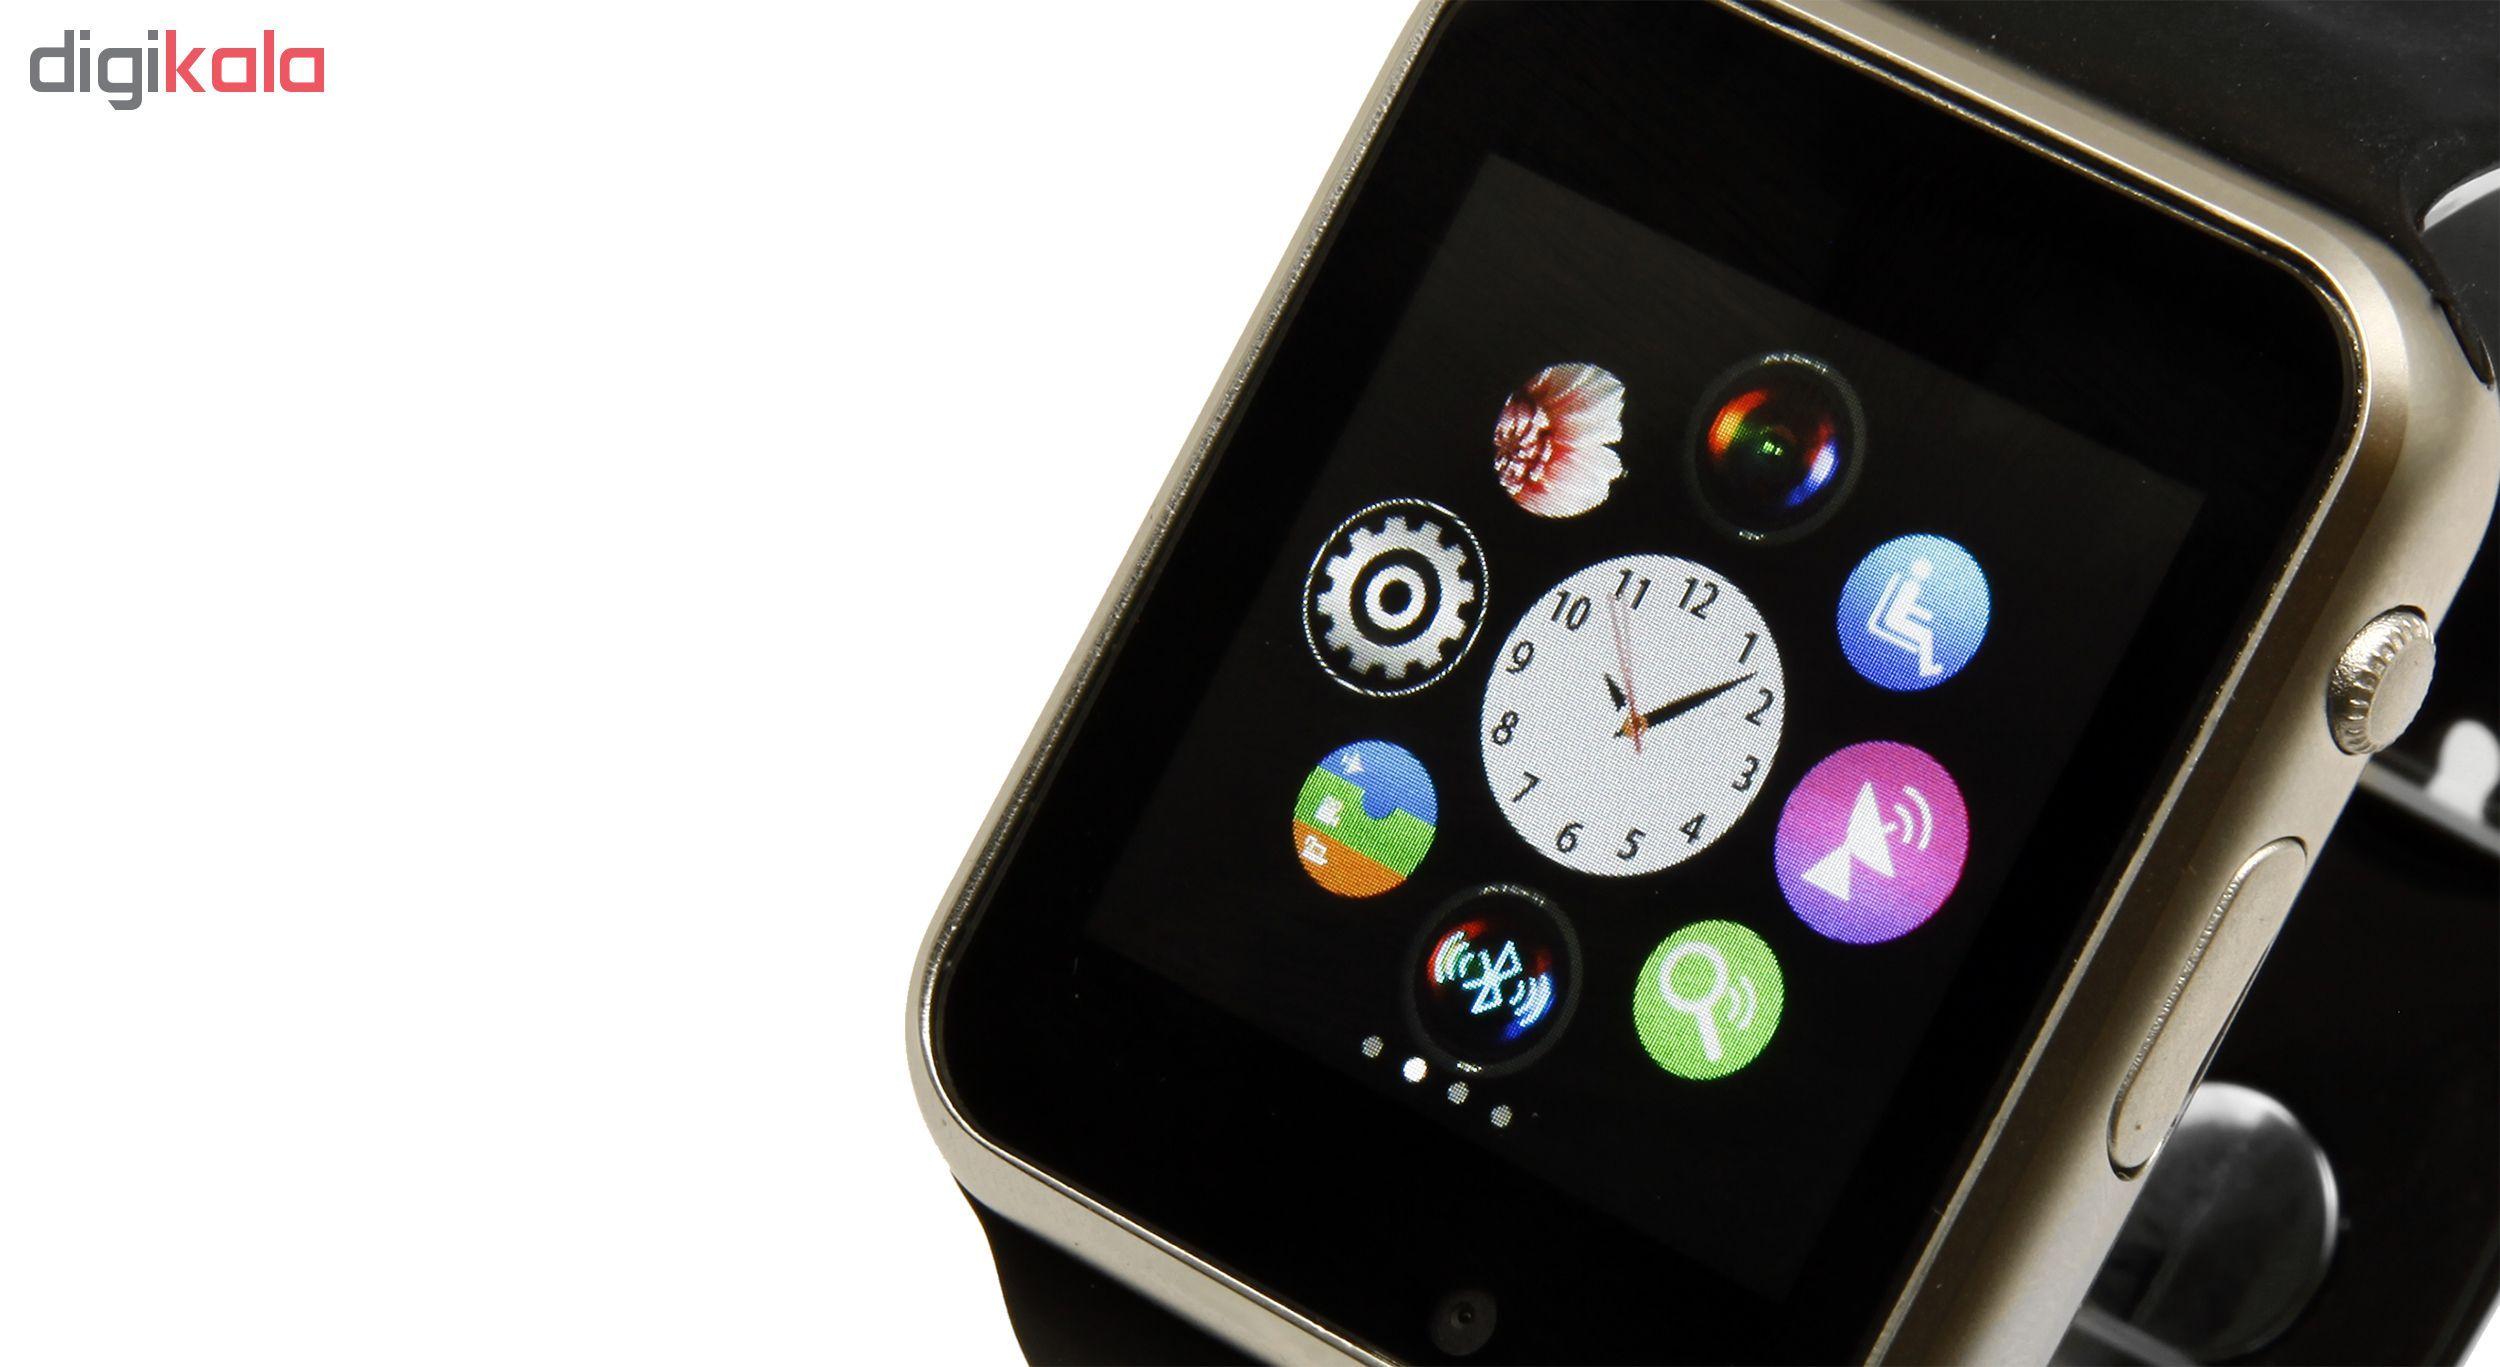 ساعت هوشمند جی تب مدل W101 main 1 3